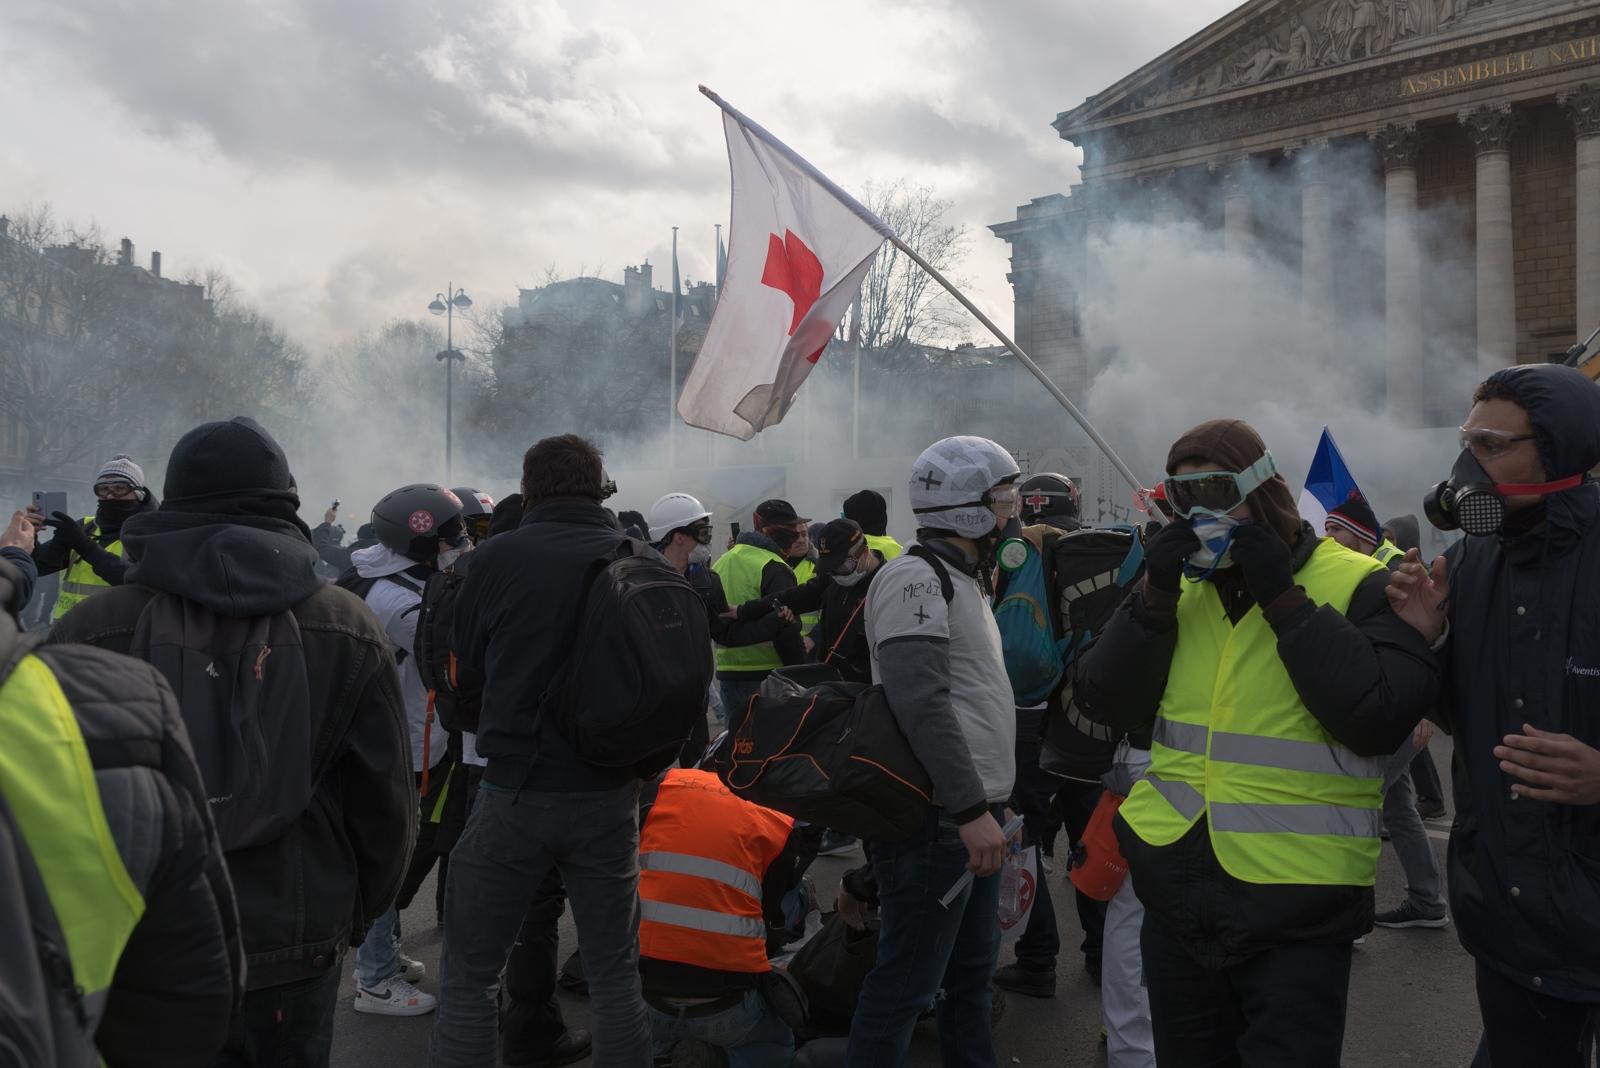 """Des """"Streets Medics"""" soignent un manifestant blessé par une grenade de désencerclement. Le journaliste David Dufresne dénombrait au 9 février 2019, 183 manifestants sérieusement blessés à la tête, 19 éborgnés et 4 ayant eu une main arrachée en raison de l'emploi par les forces de l'ordre de LBD, de grenades de désencerclement et de grenades lacrymogènes. Paris - Acte XIII - Devant l'assemblée nationale le 9 février 2019"""